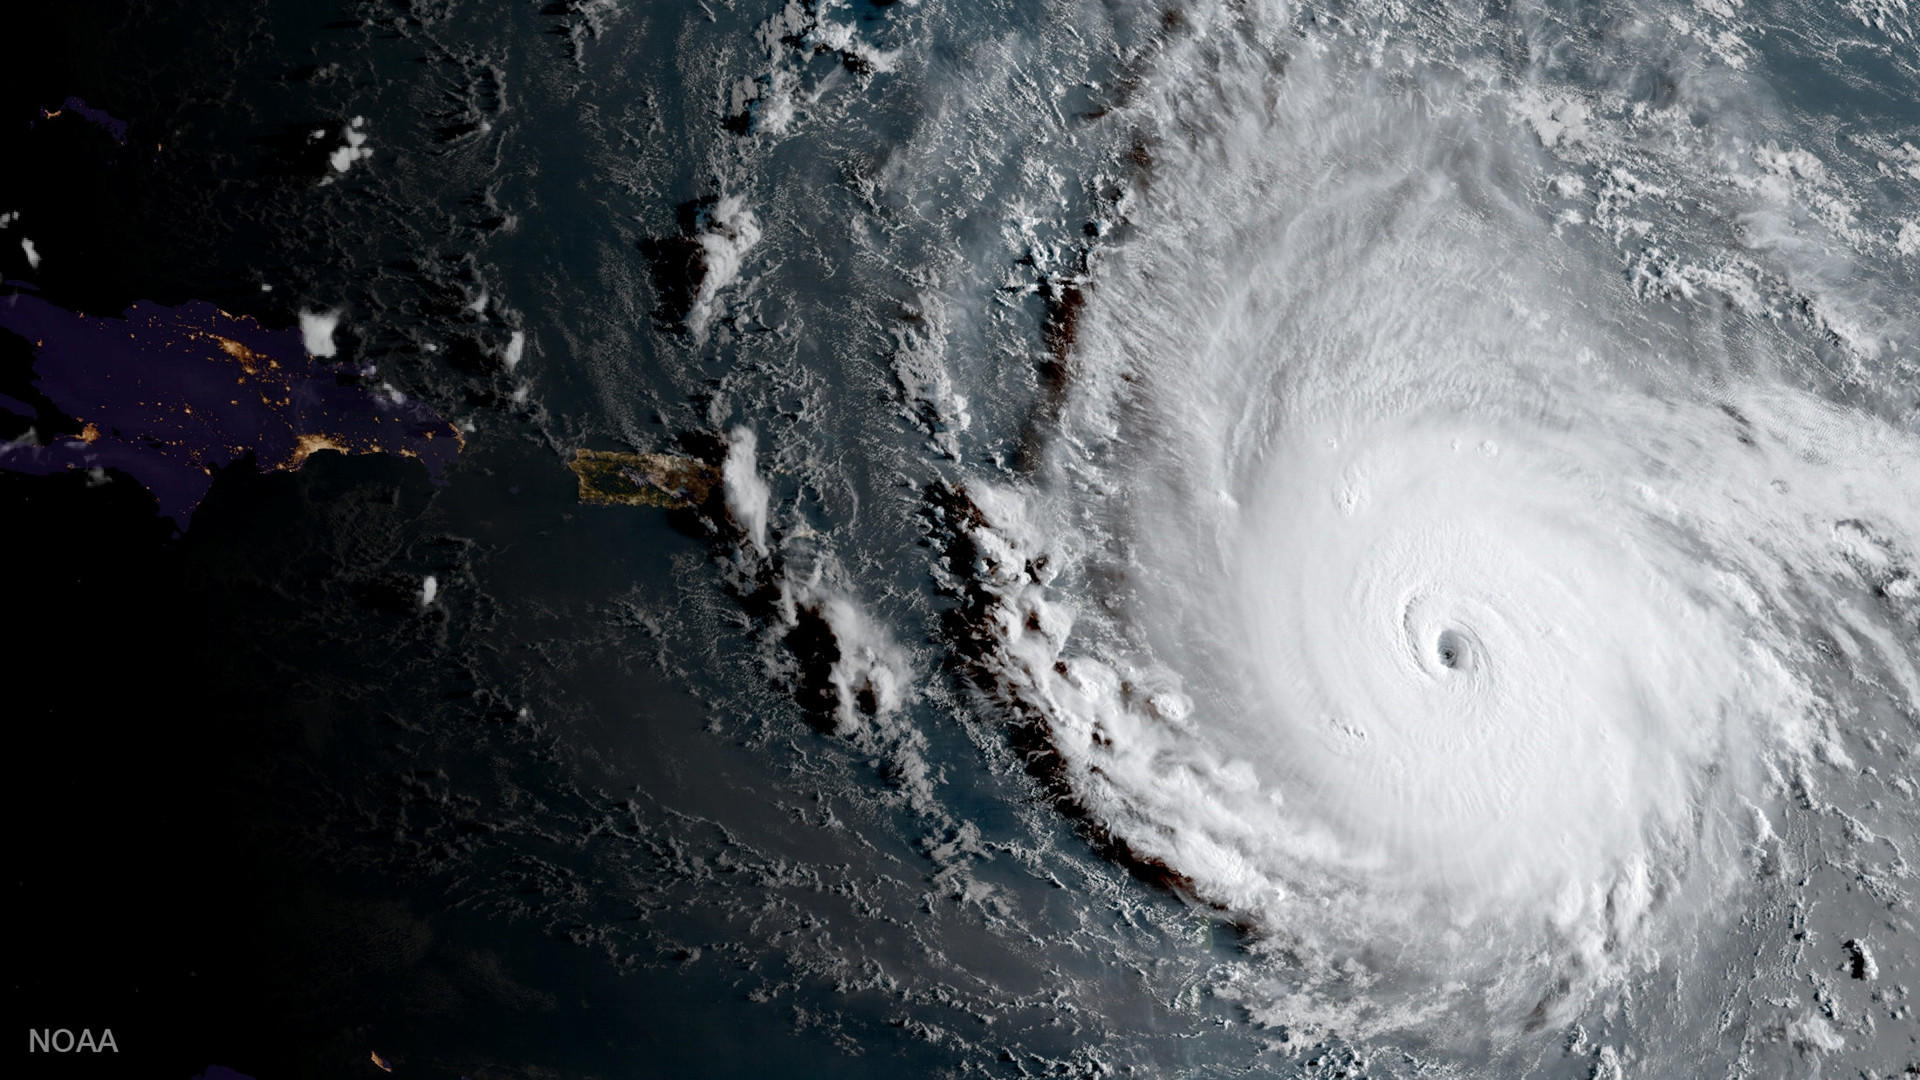 El huracán Irma tiene el tamaño de Francia